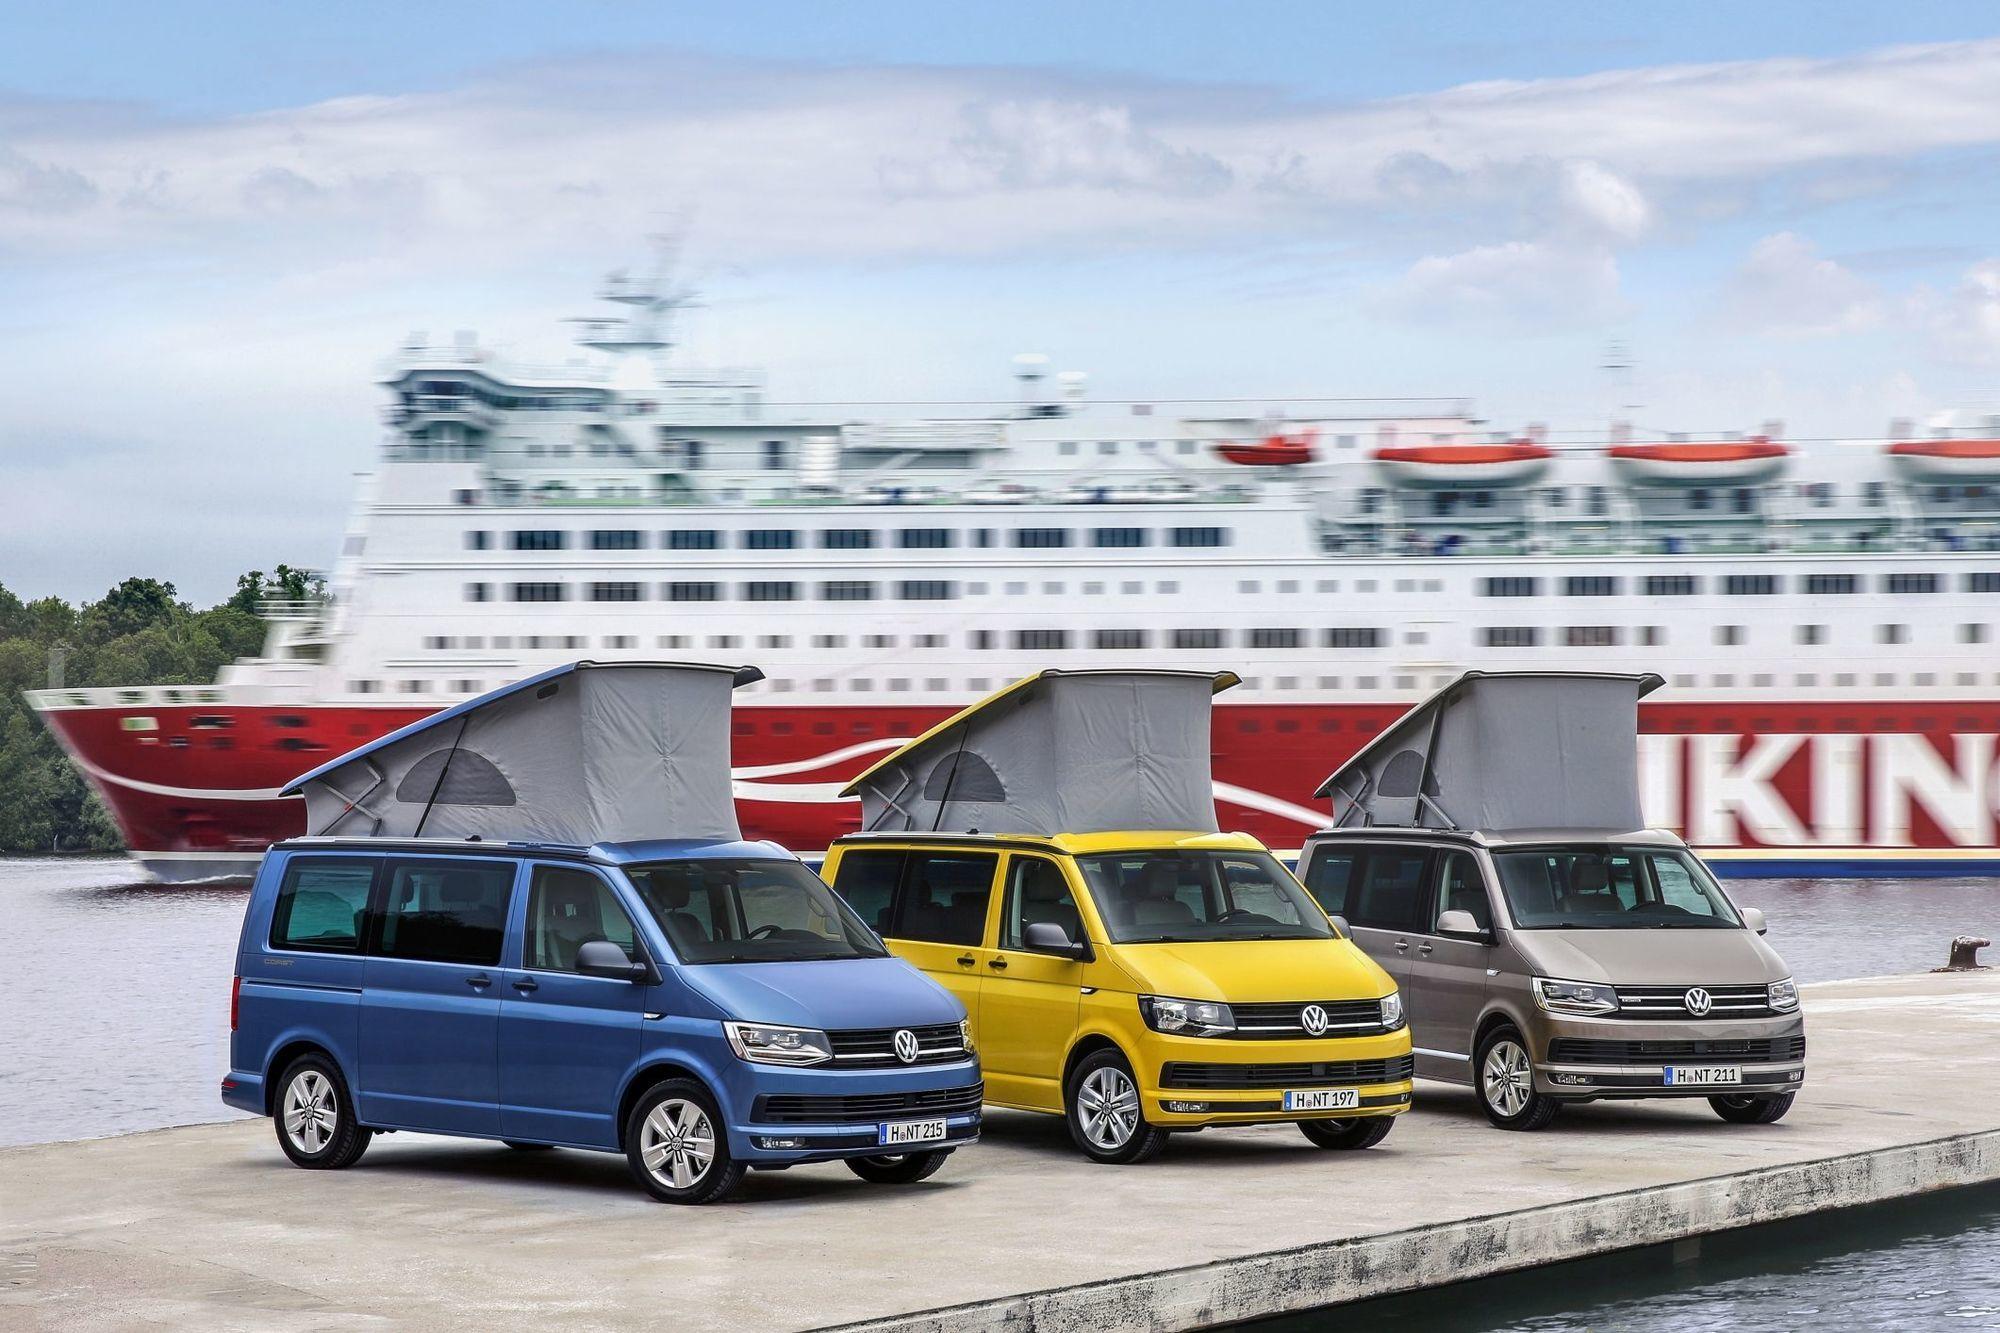 mid Groß-Gerau - Wenn es um die Digitalisierung geht, kann sich die moderne Schifffahrt einiges bei der Autoindustrie abschauen.